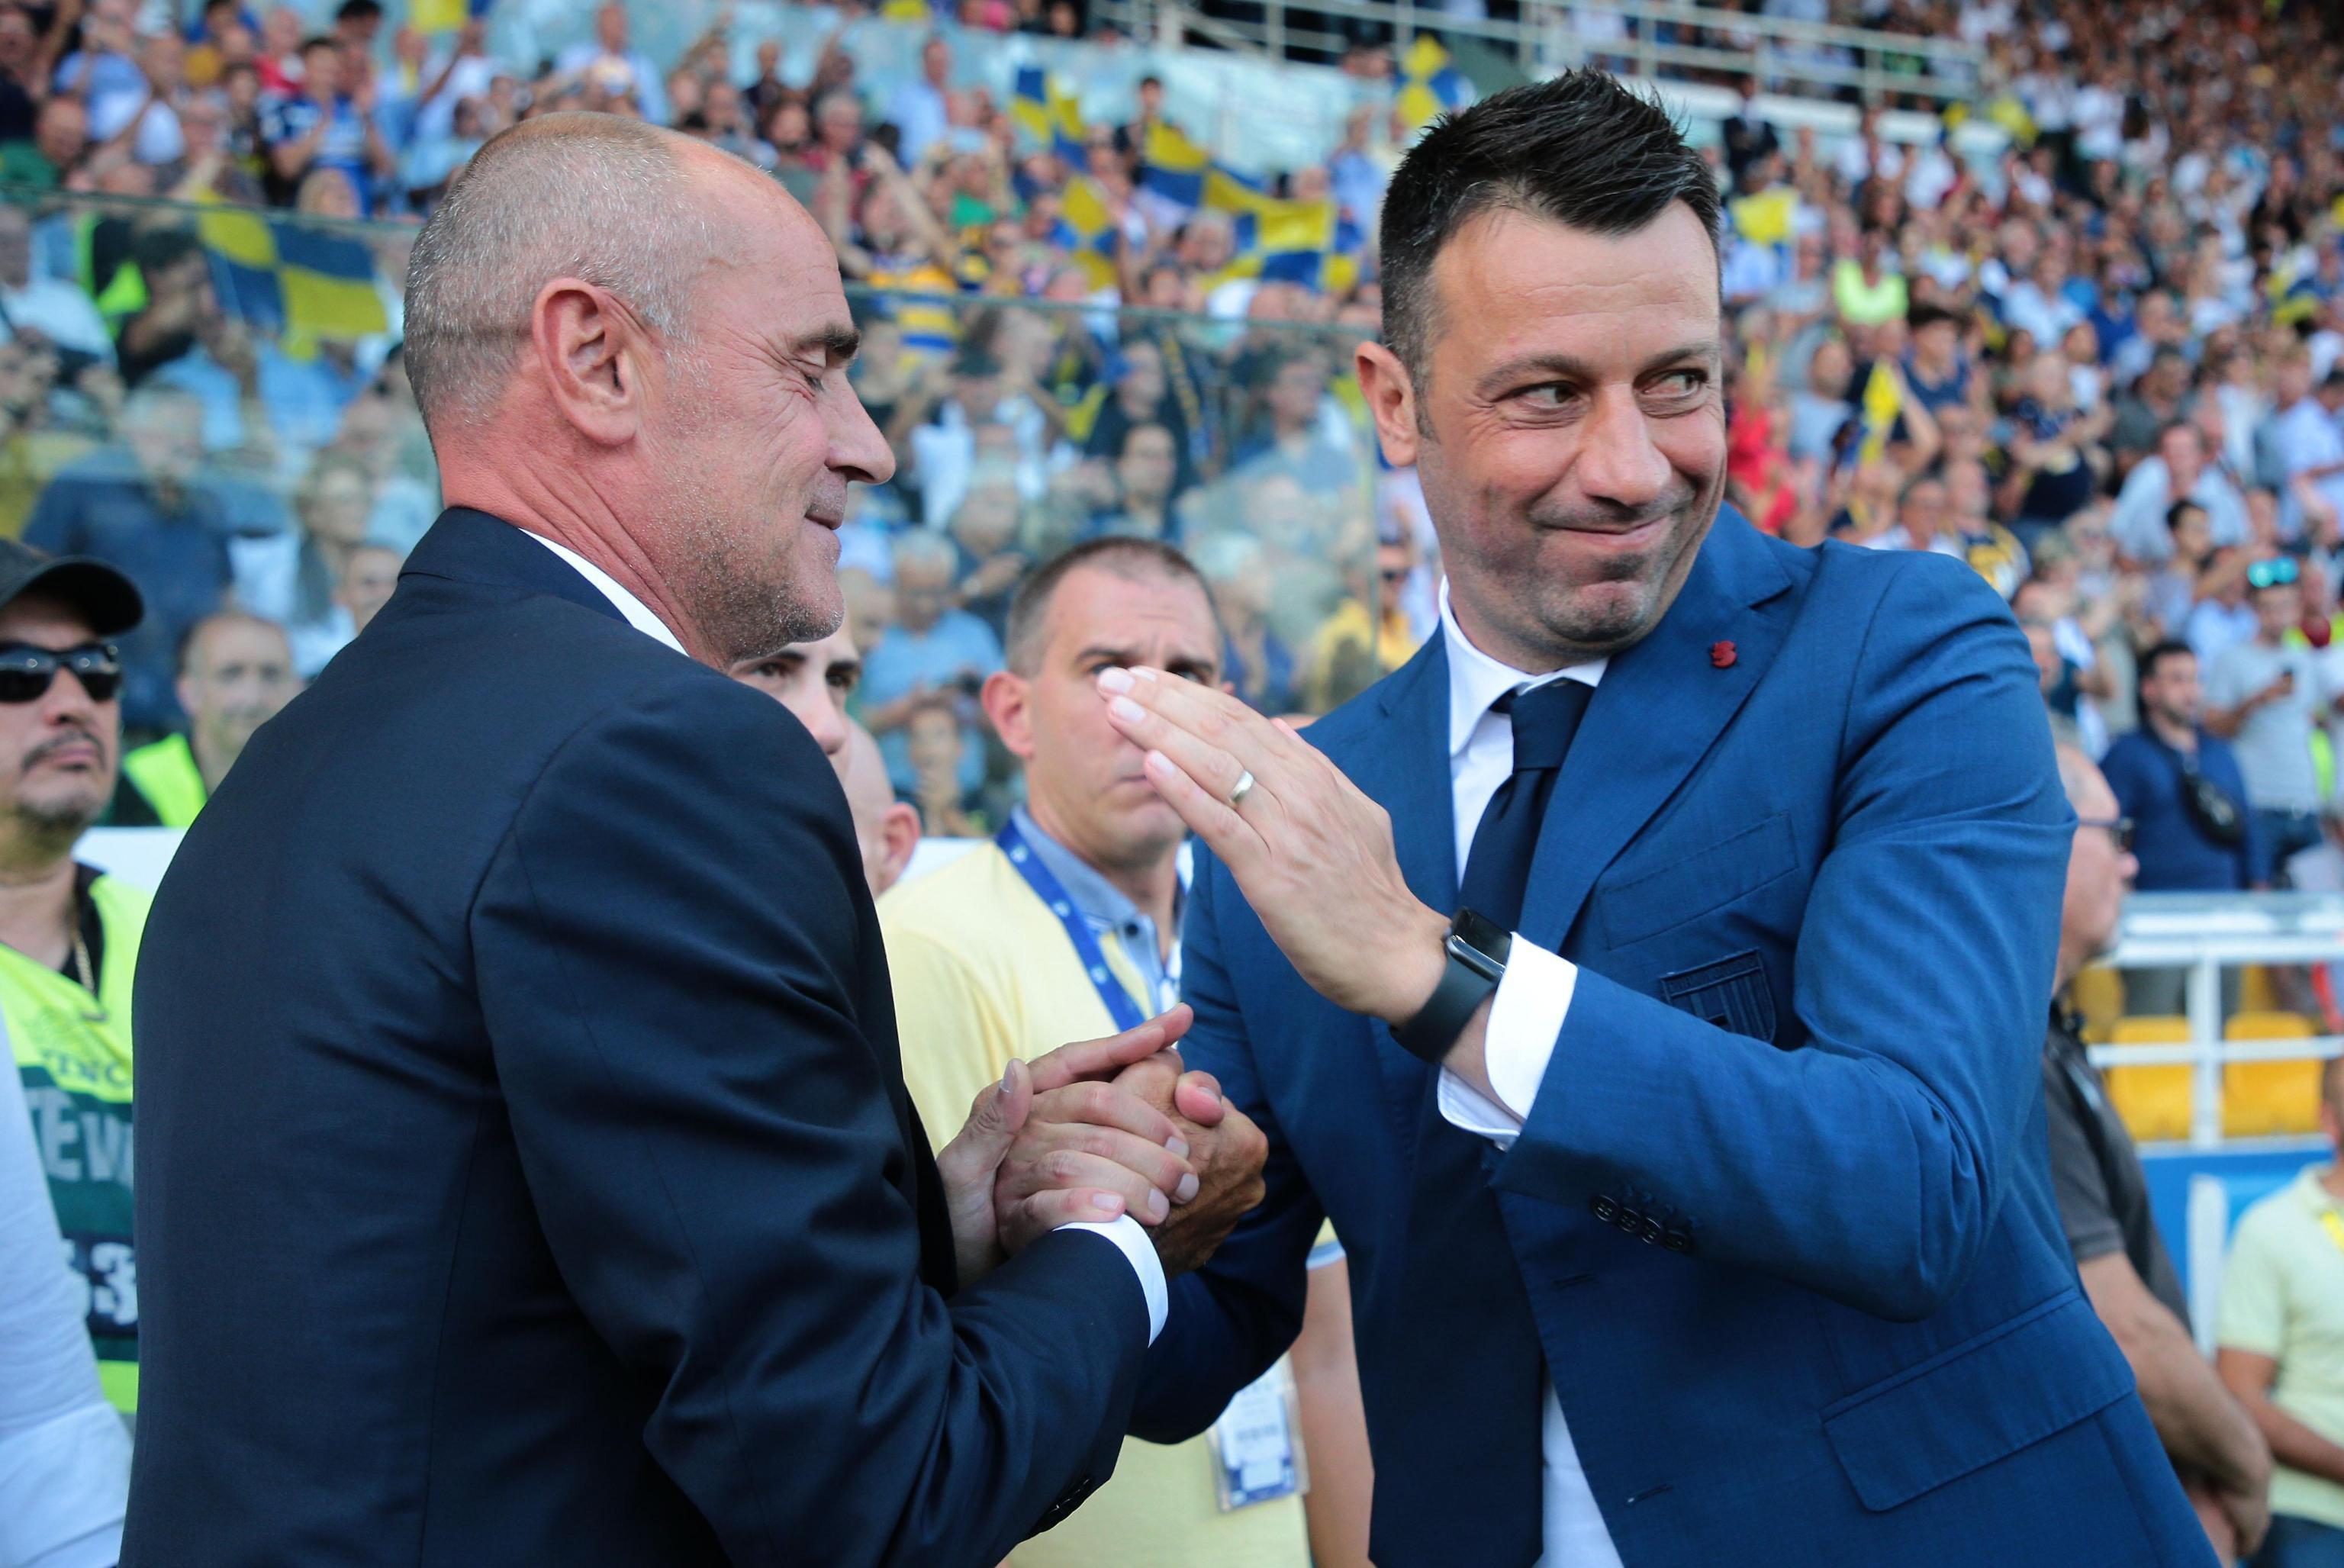 Imprevisto particolare per Roberto D&#39;Aversa nel corso del primo tempo di Parma-Juventus. L&#39;allenatore degli emiliani indossava una camicia bianca e ha dovuto cambiarla su richiesta dell&#39;arbitro Maresca: per il fischietto c&#39;era infatti il rischio di fare confusione con la maglia (bianca) dei padroni di casa. Cos&igrave; l&#39;allenatore &egrave; corso ai ripari vestendo una camicia scura.&nbsp;<br /><br />